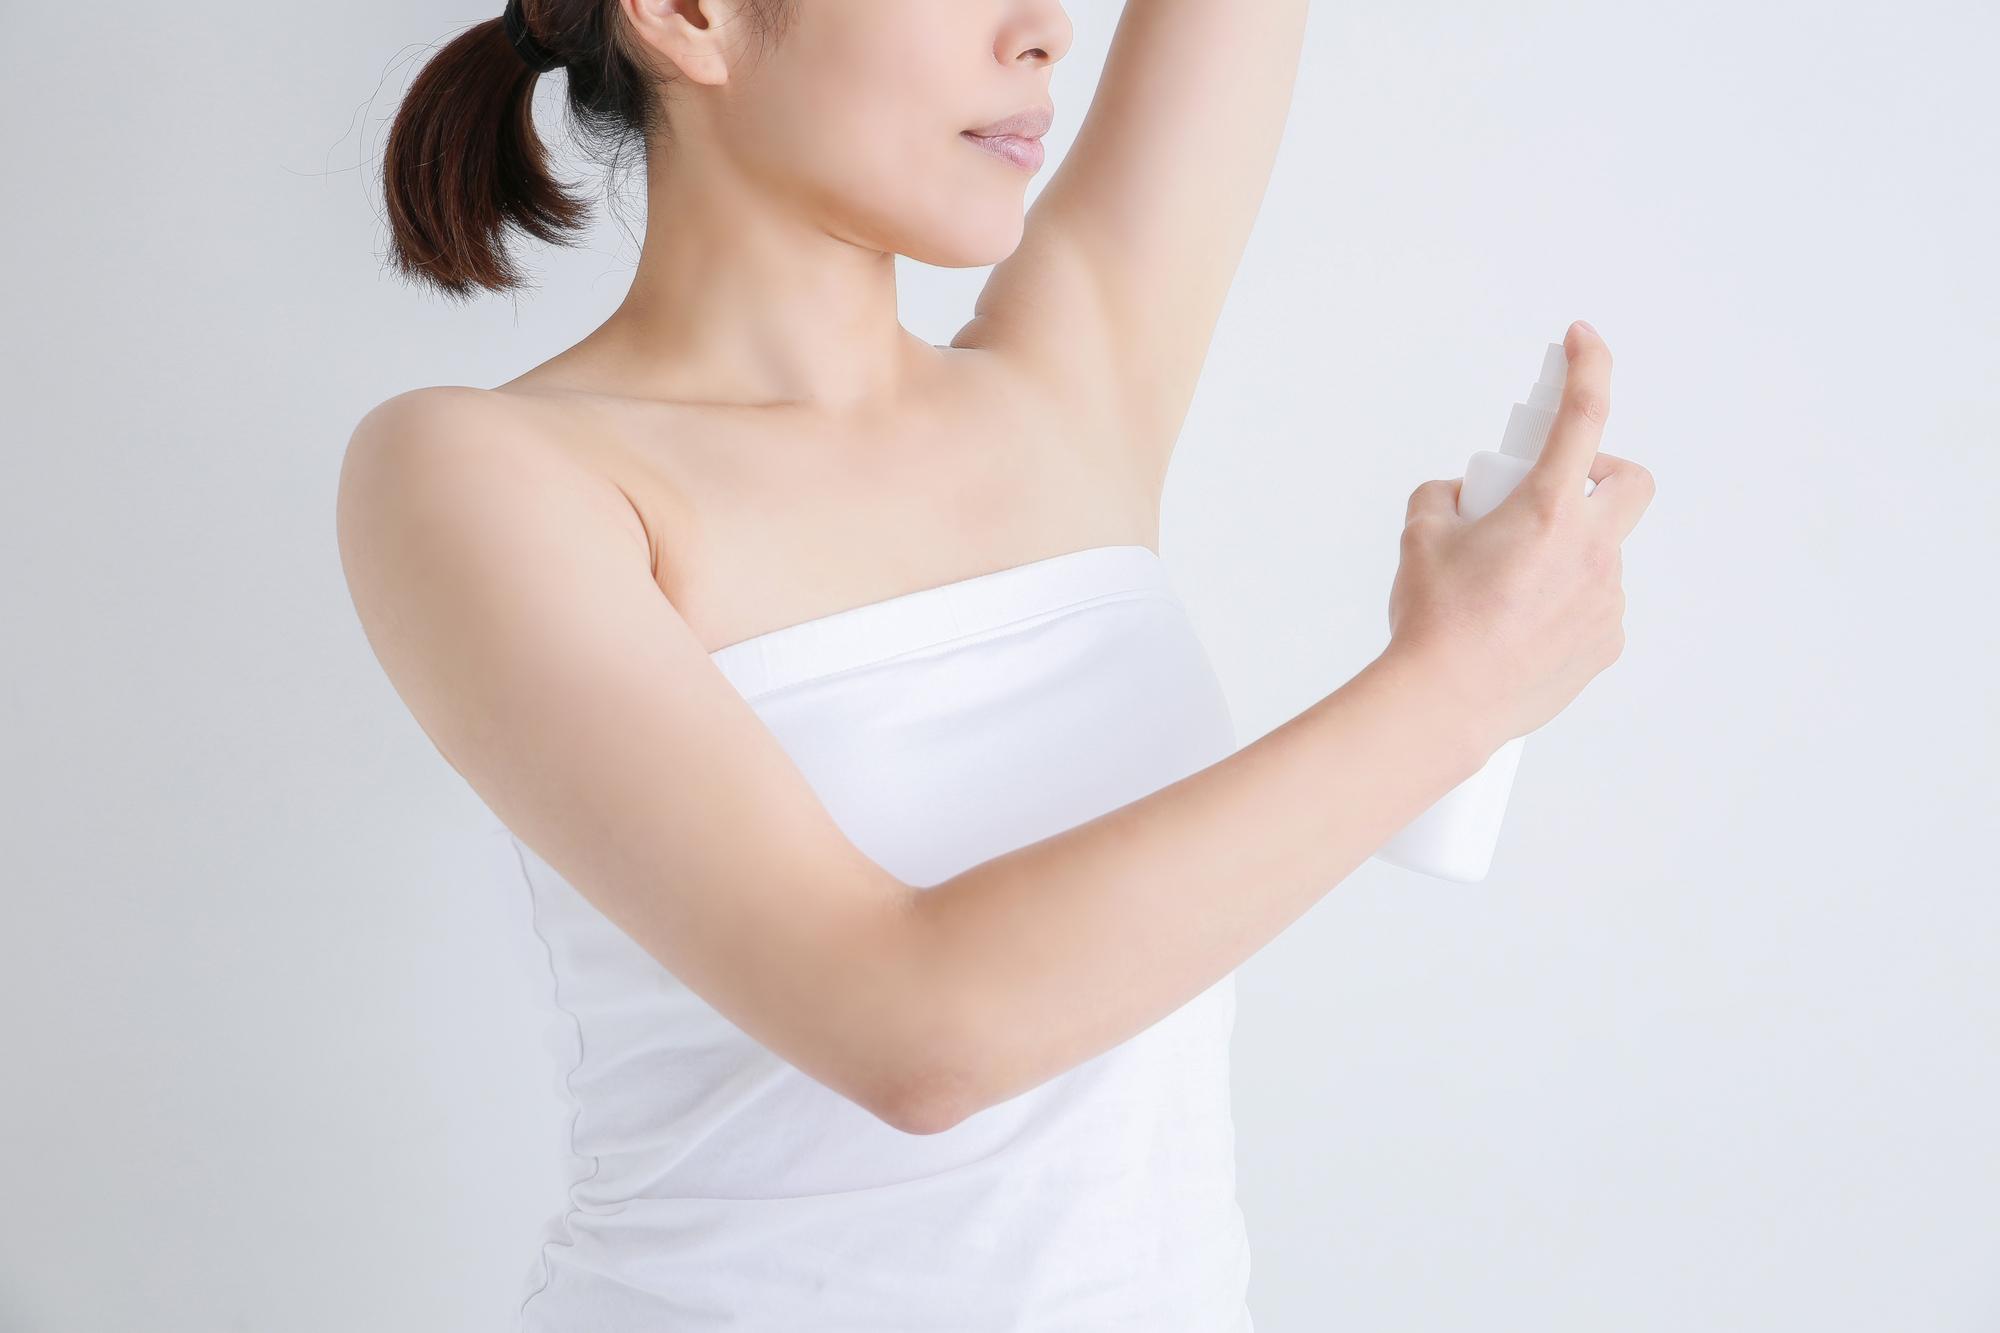 とりあえず制汗剤、は危険!選び方や使い方、食べ物に注意した汗ケアをしよう